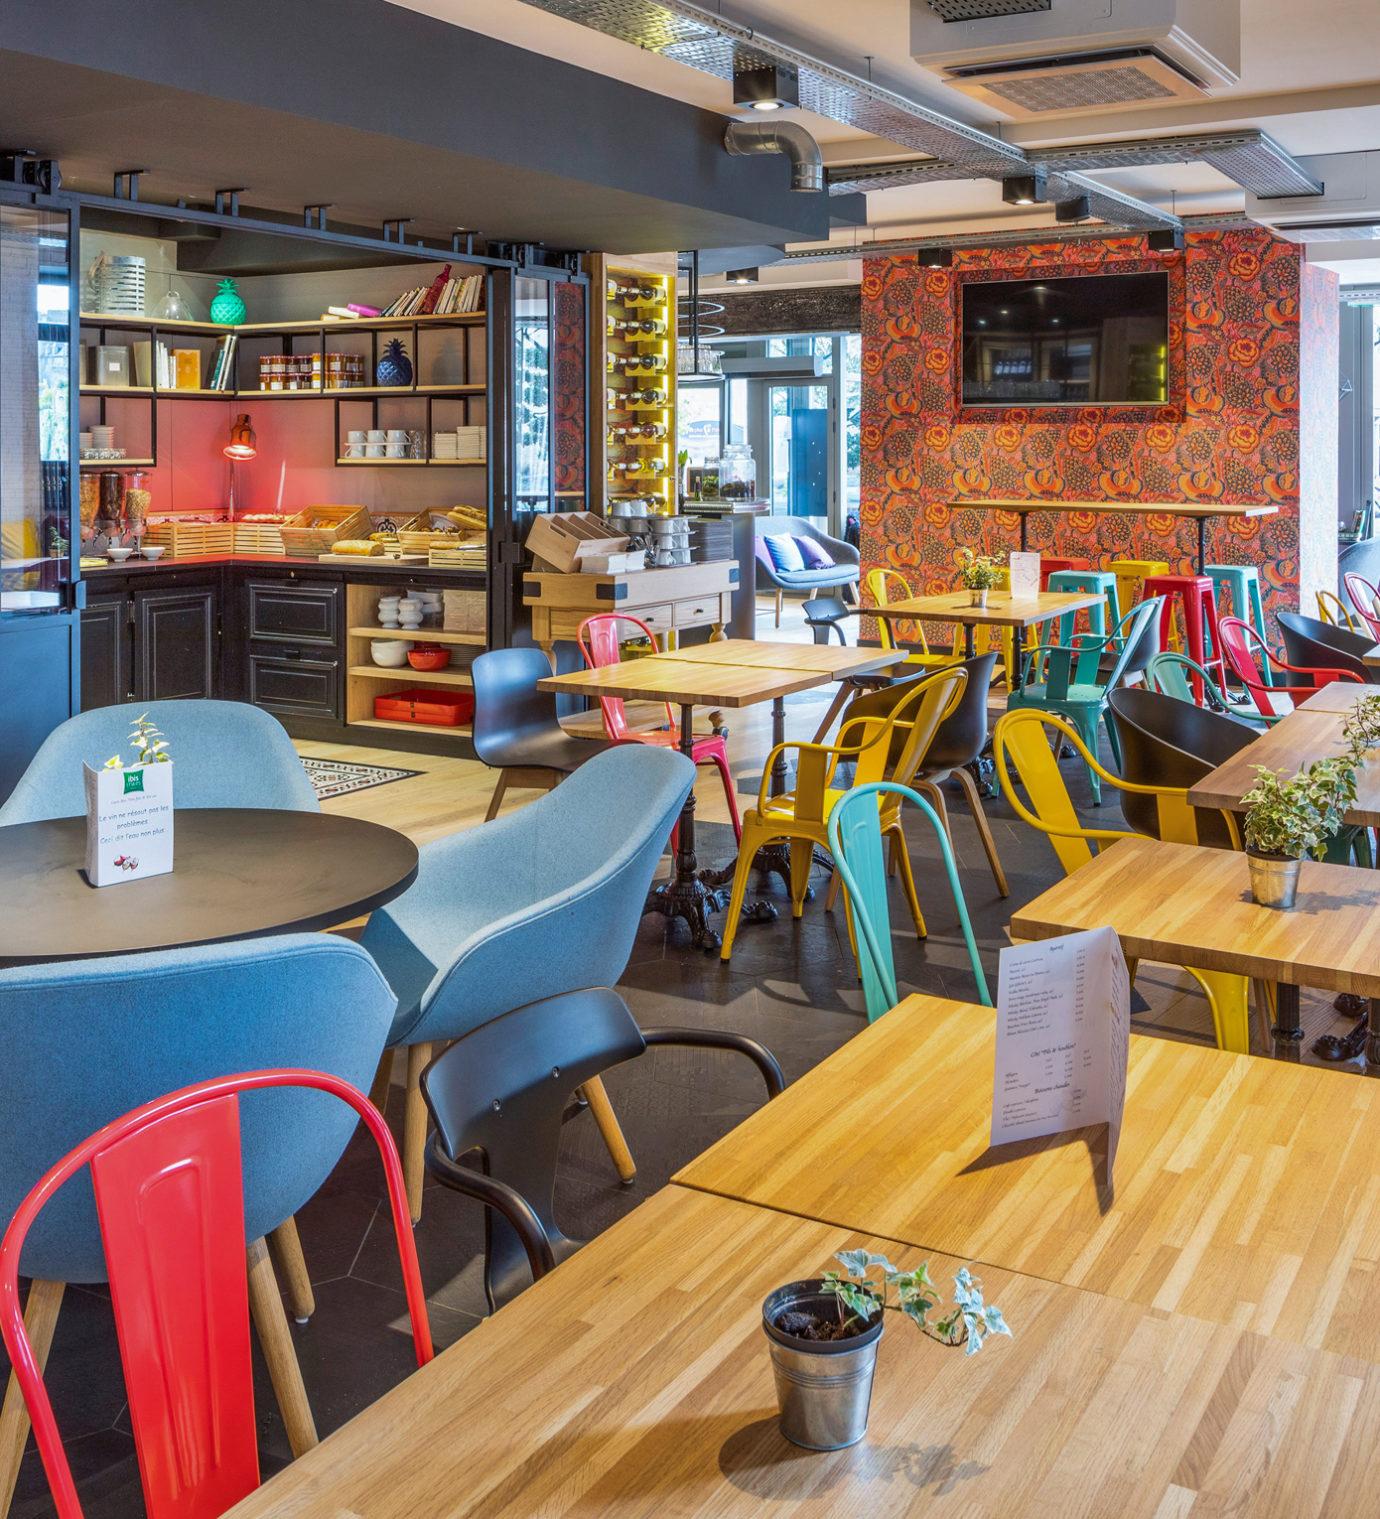 Décoration et agencement de l'espace petit déjeuner de l'hôtel Ibis Styles de Dinan